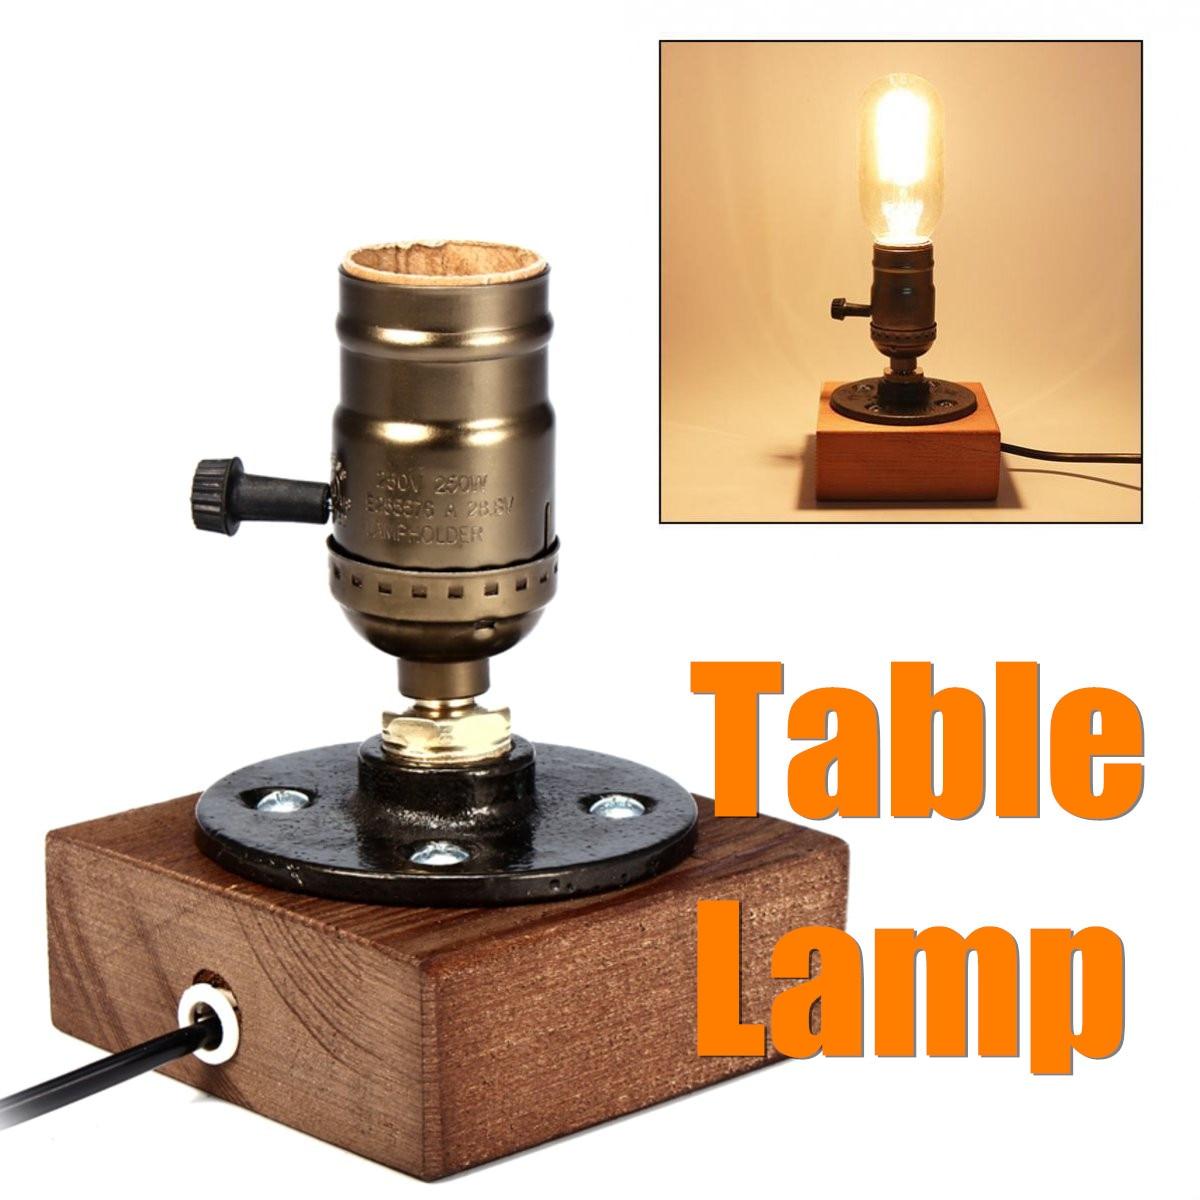 木製エレキレトロクラシックデスクナイトランプテーブルランプ研究バーコーヒーショップライト屋内照明用品 E27